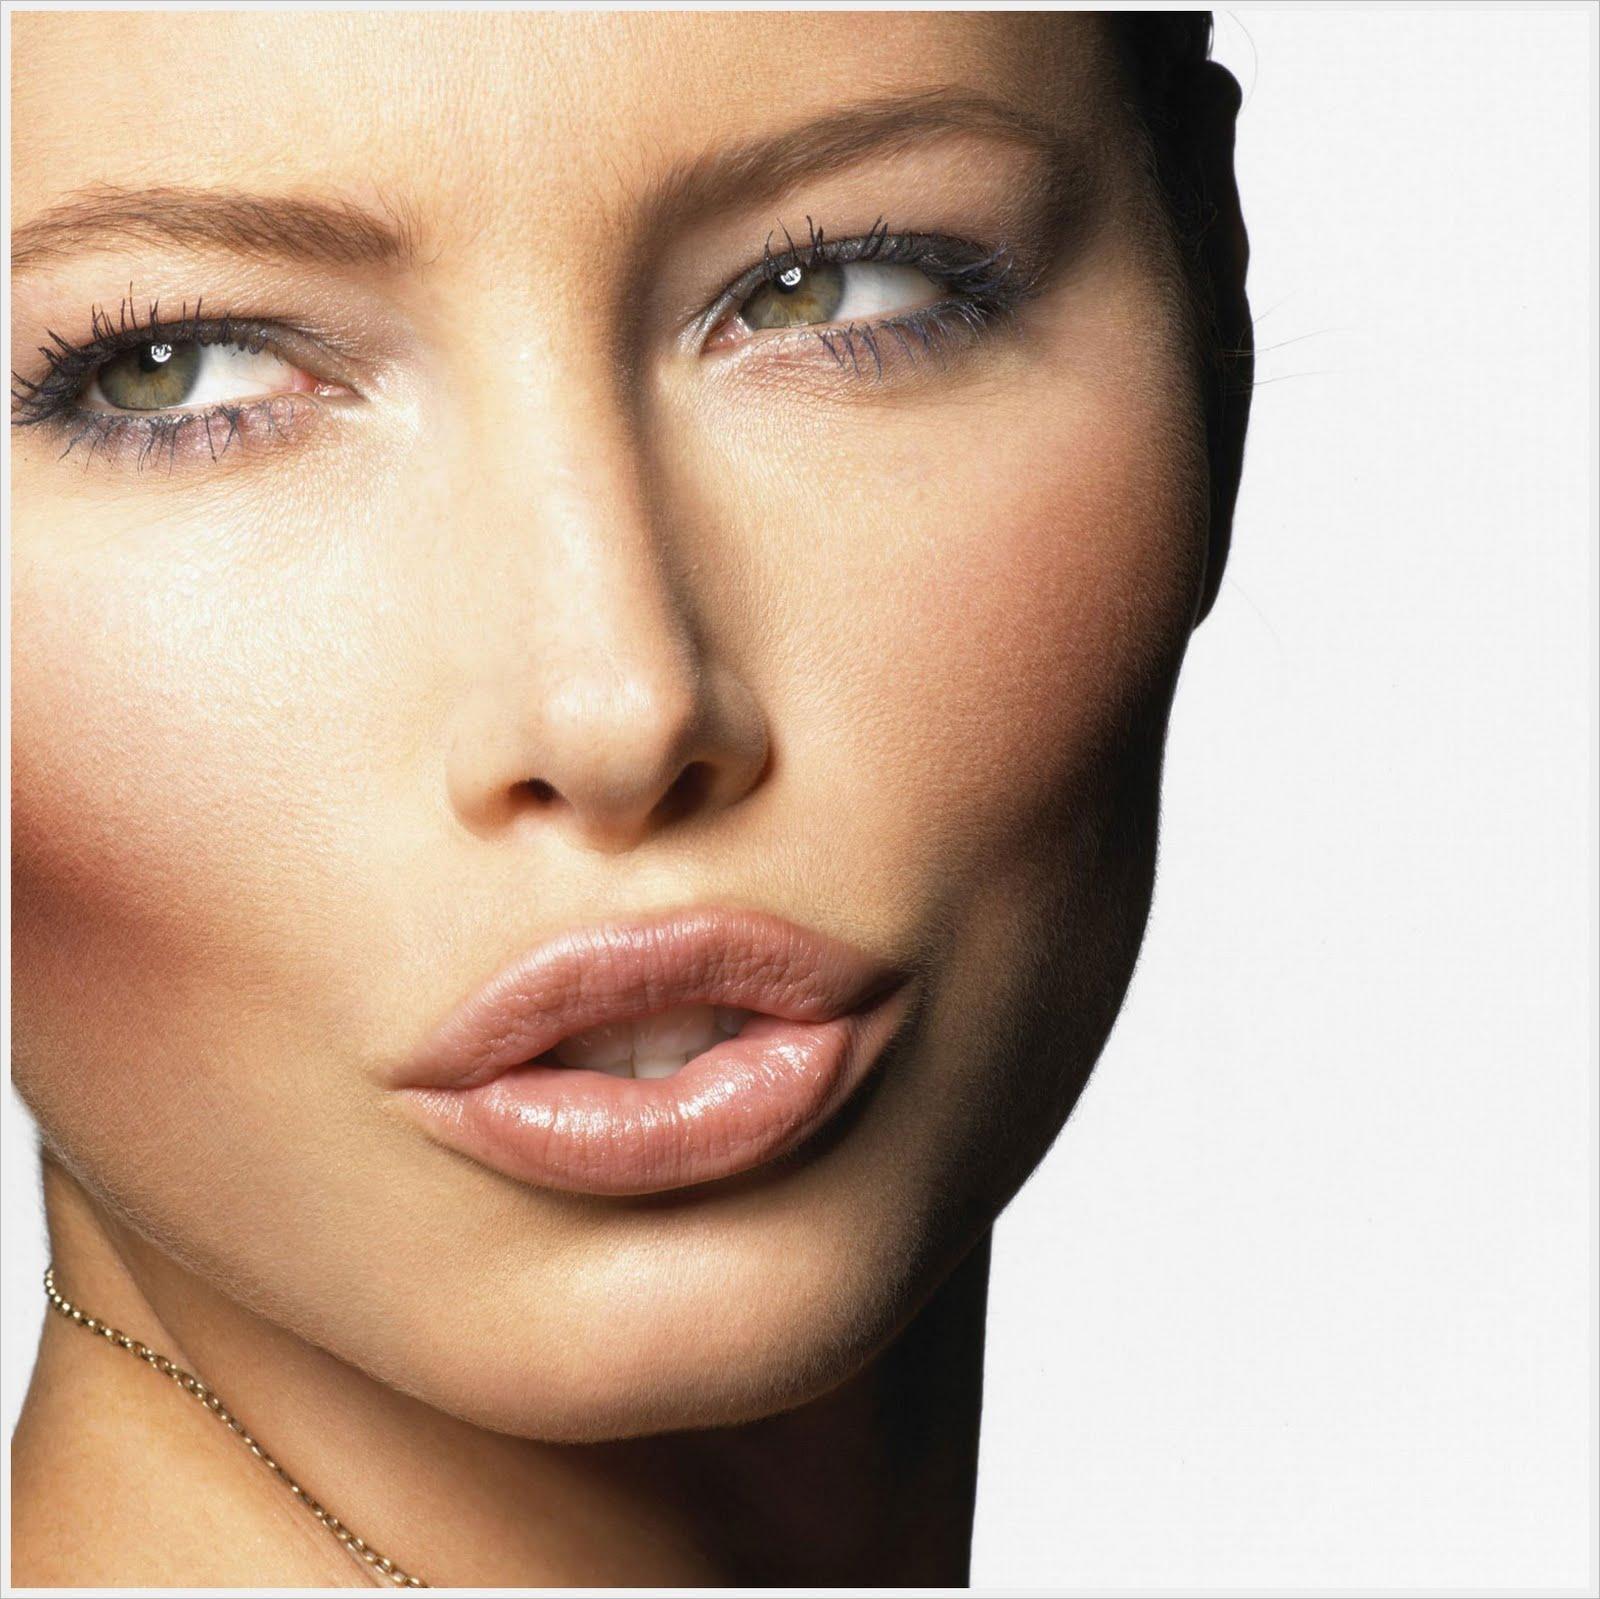 http://4.bp.blogspot.com/_GHIEHD4J-V8/TKxOF3wCv7I/AAAAAAAACEQ/kI__DfEzKYQ/s1600/Jessica-Biel-4.jpg